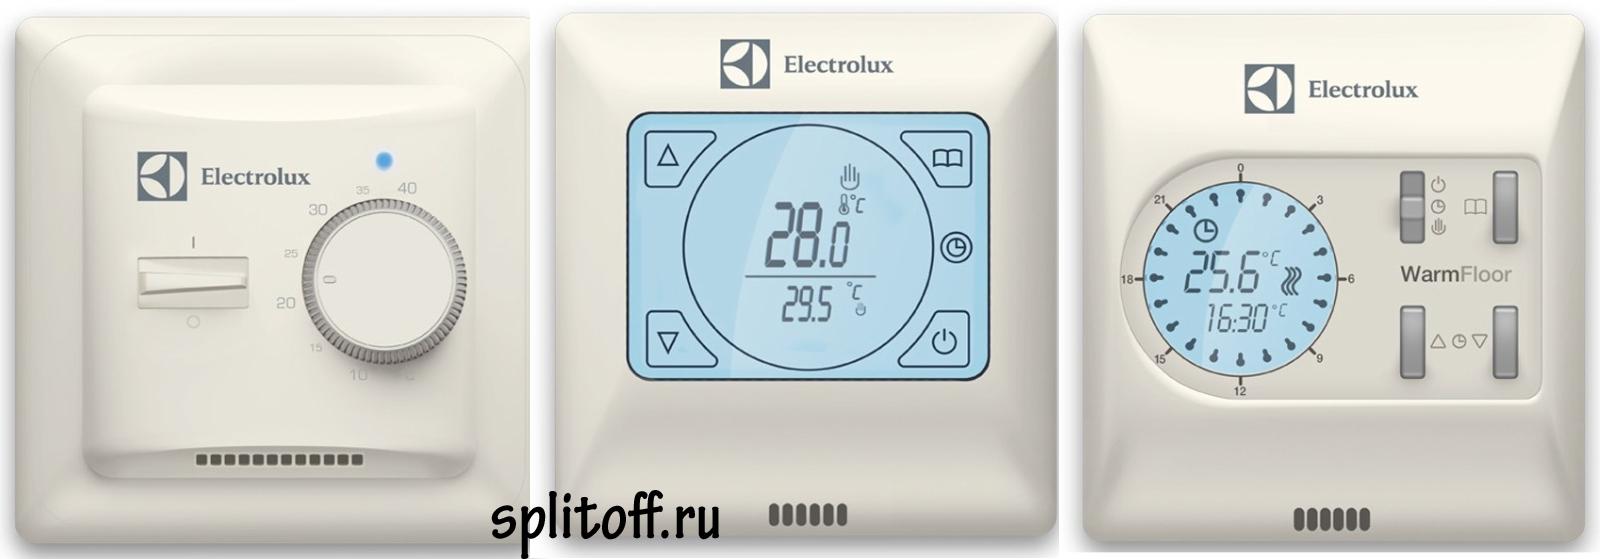 Тёплый пол электролюкс инструкция по установке